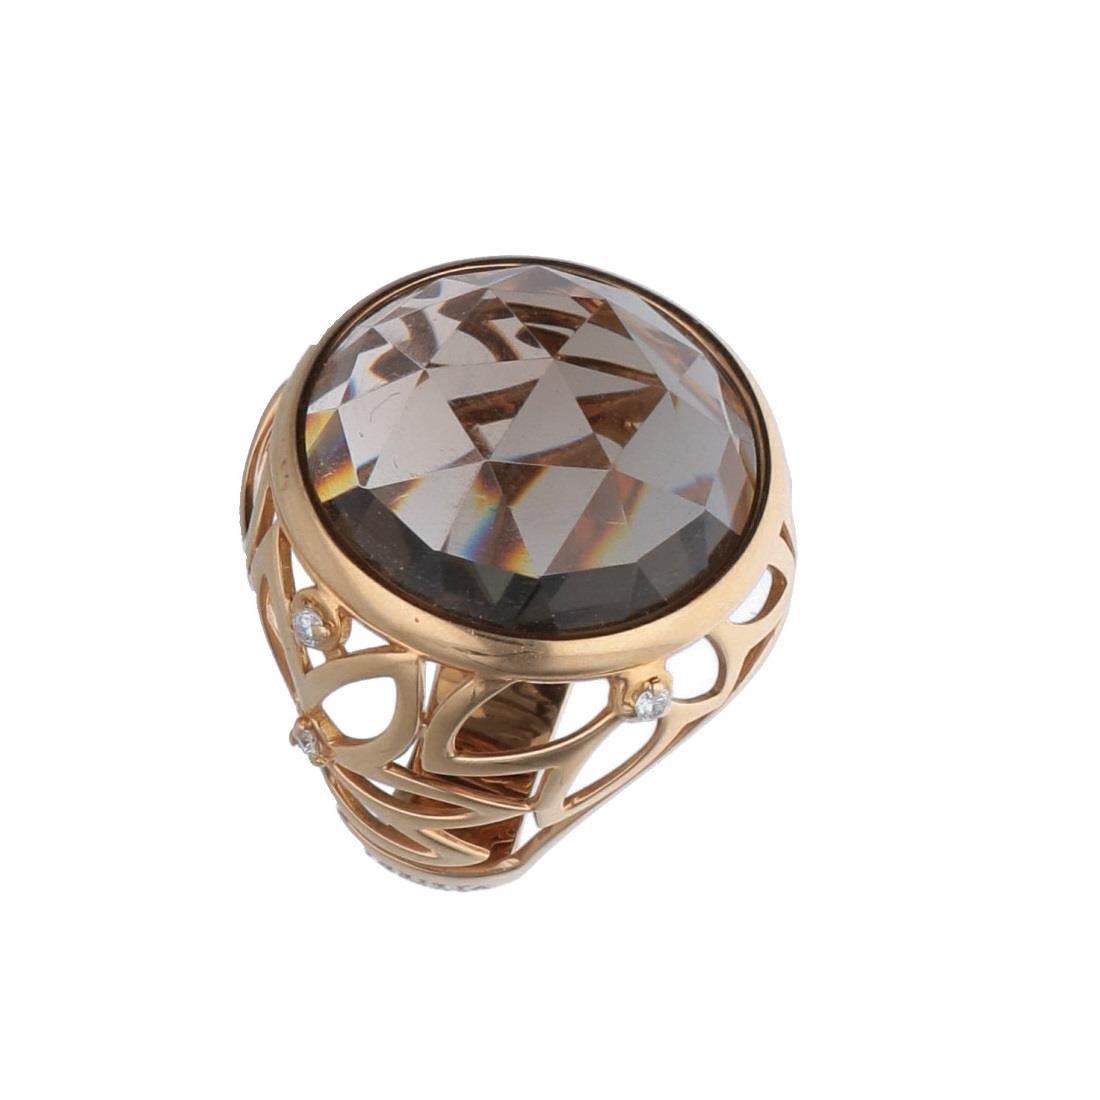 Anello quarzo fumè e diamanti - ALFIERI & ST. JOHN